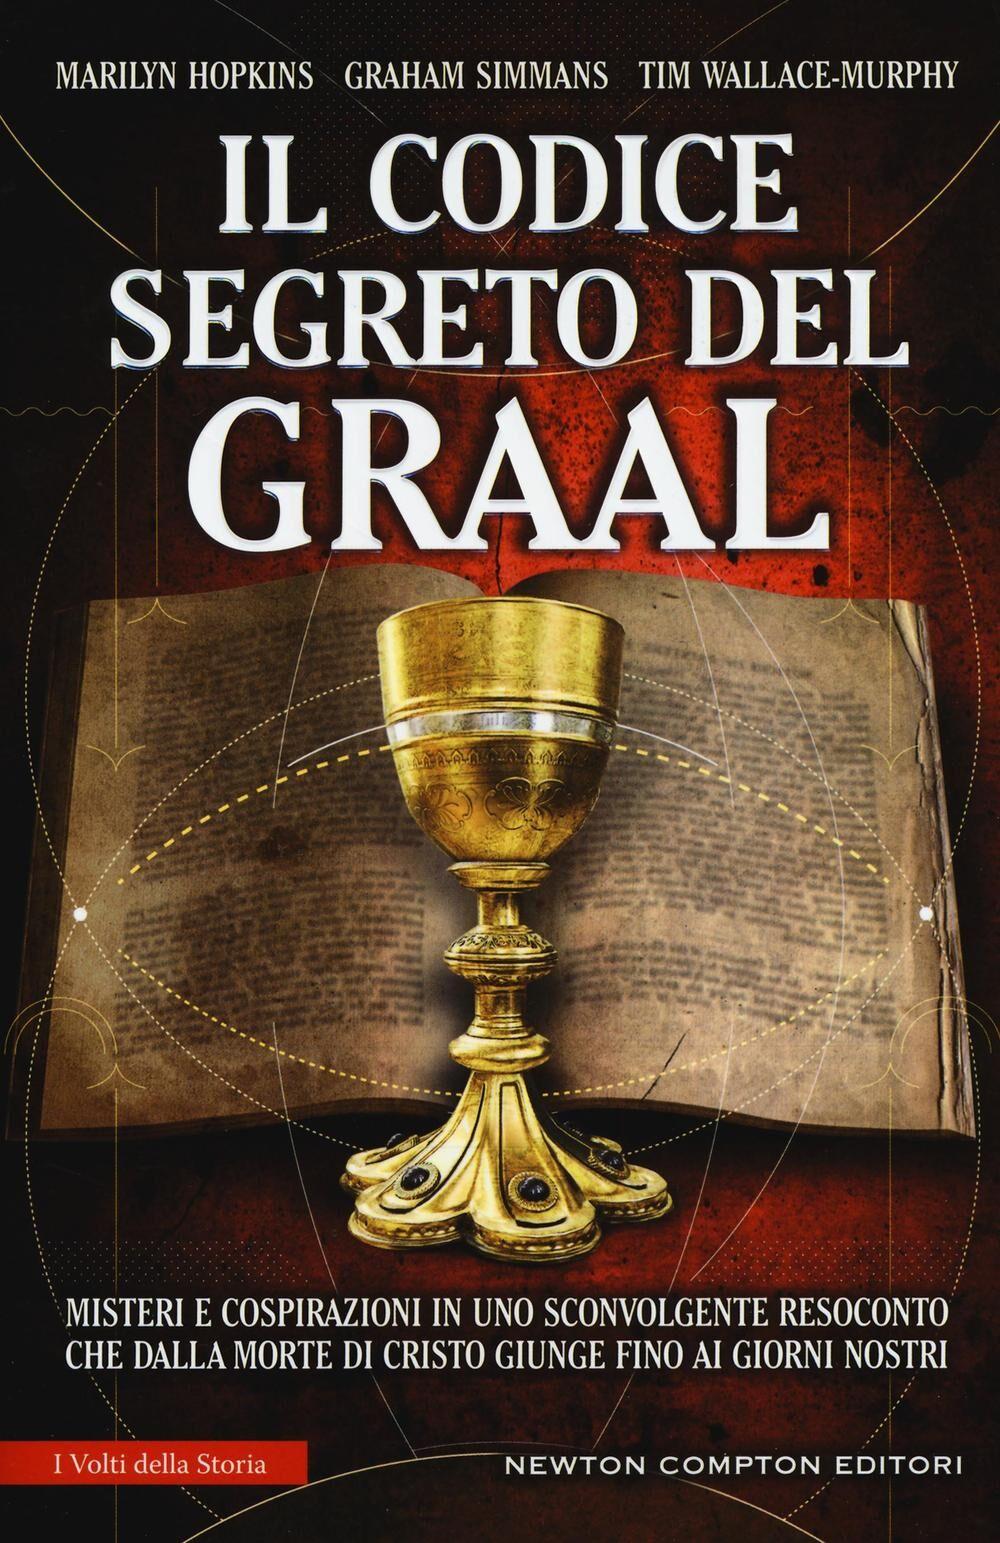 Il codice segreto del Graal. Misteri e cospirazioni in uno sconvolgente resoconto che dalla morte di Cristo giunge fino ai giorni nostri